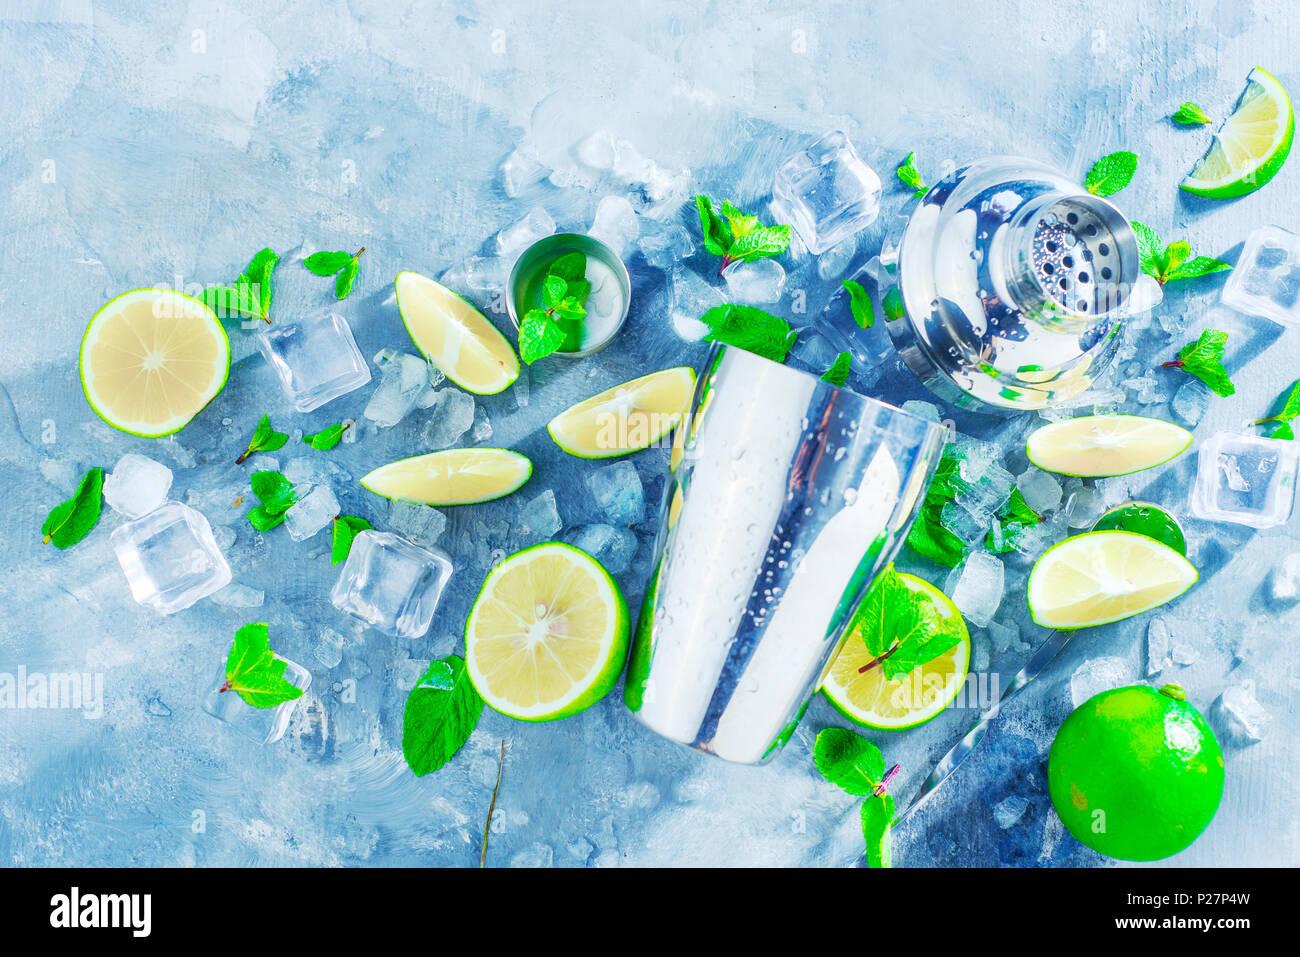 Shaker e accessori bar laici piana. Freschi cocktail mojito ingredienti, menta, calce e cubetti di ghiaccio su una pietra grigia sullo sfondo. Bevanda estiva concetto con Immagini Stock